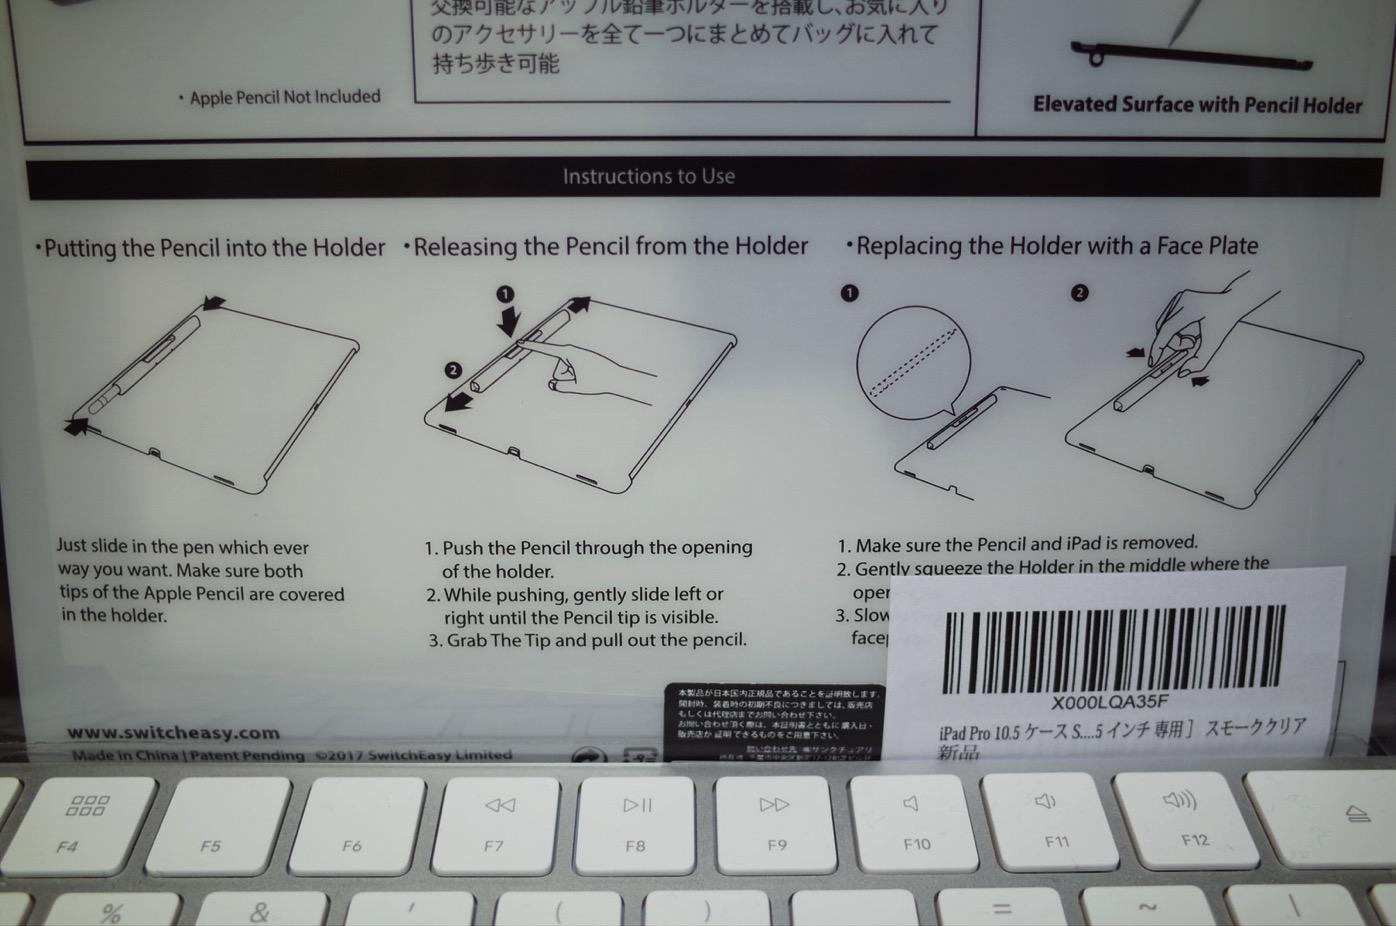 iPad Pro 10.5 ケース SwitchEasy CoverBuddy ハード バック カバー Apple Pencil 収納付き 純正 スマートキーボード 対応-4